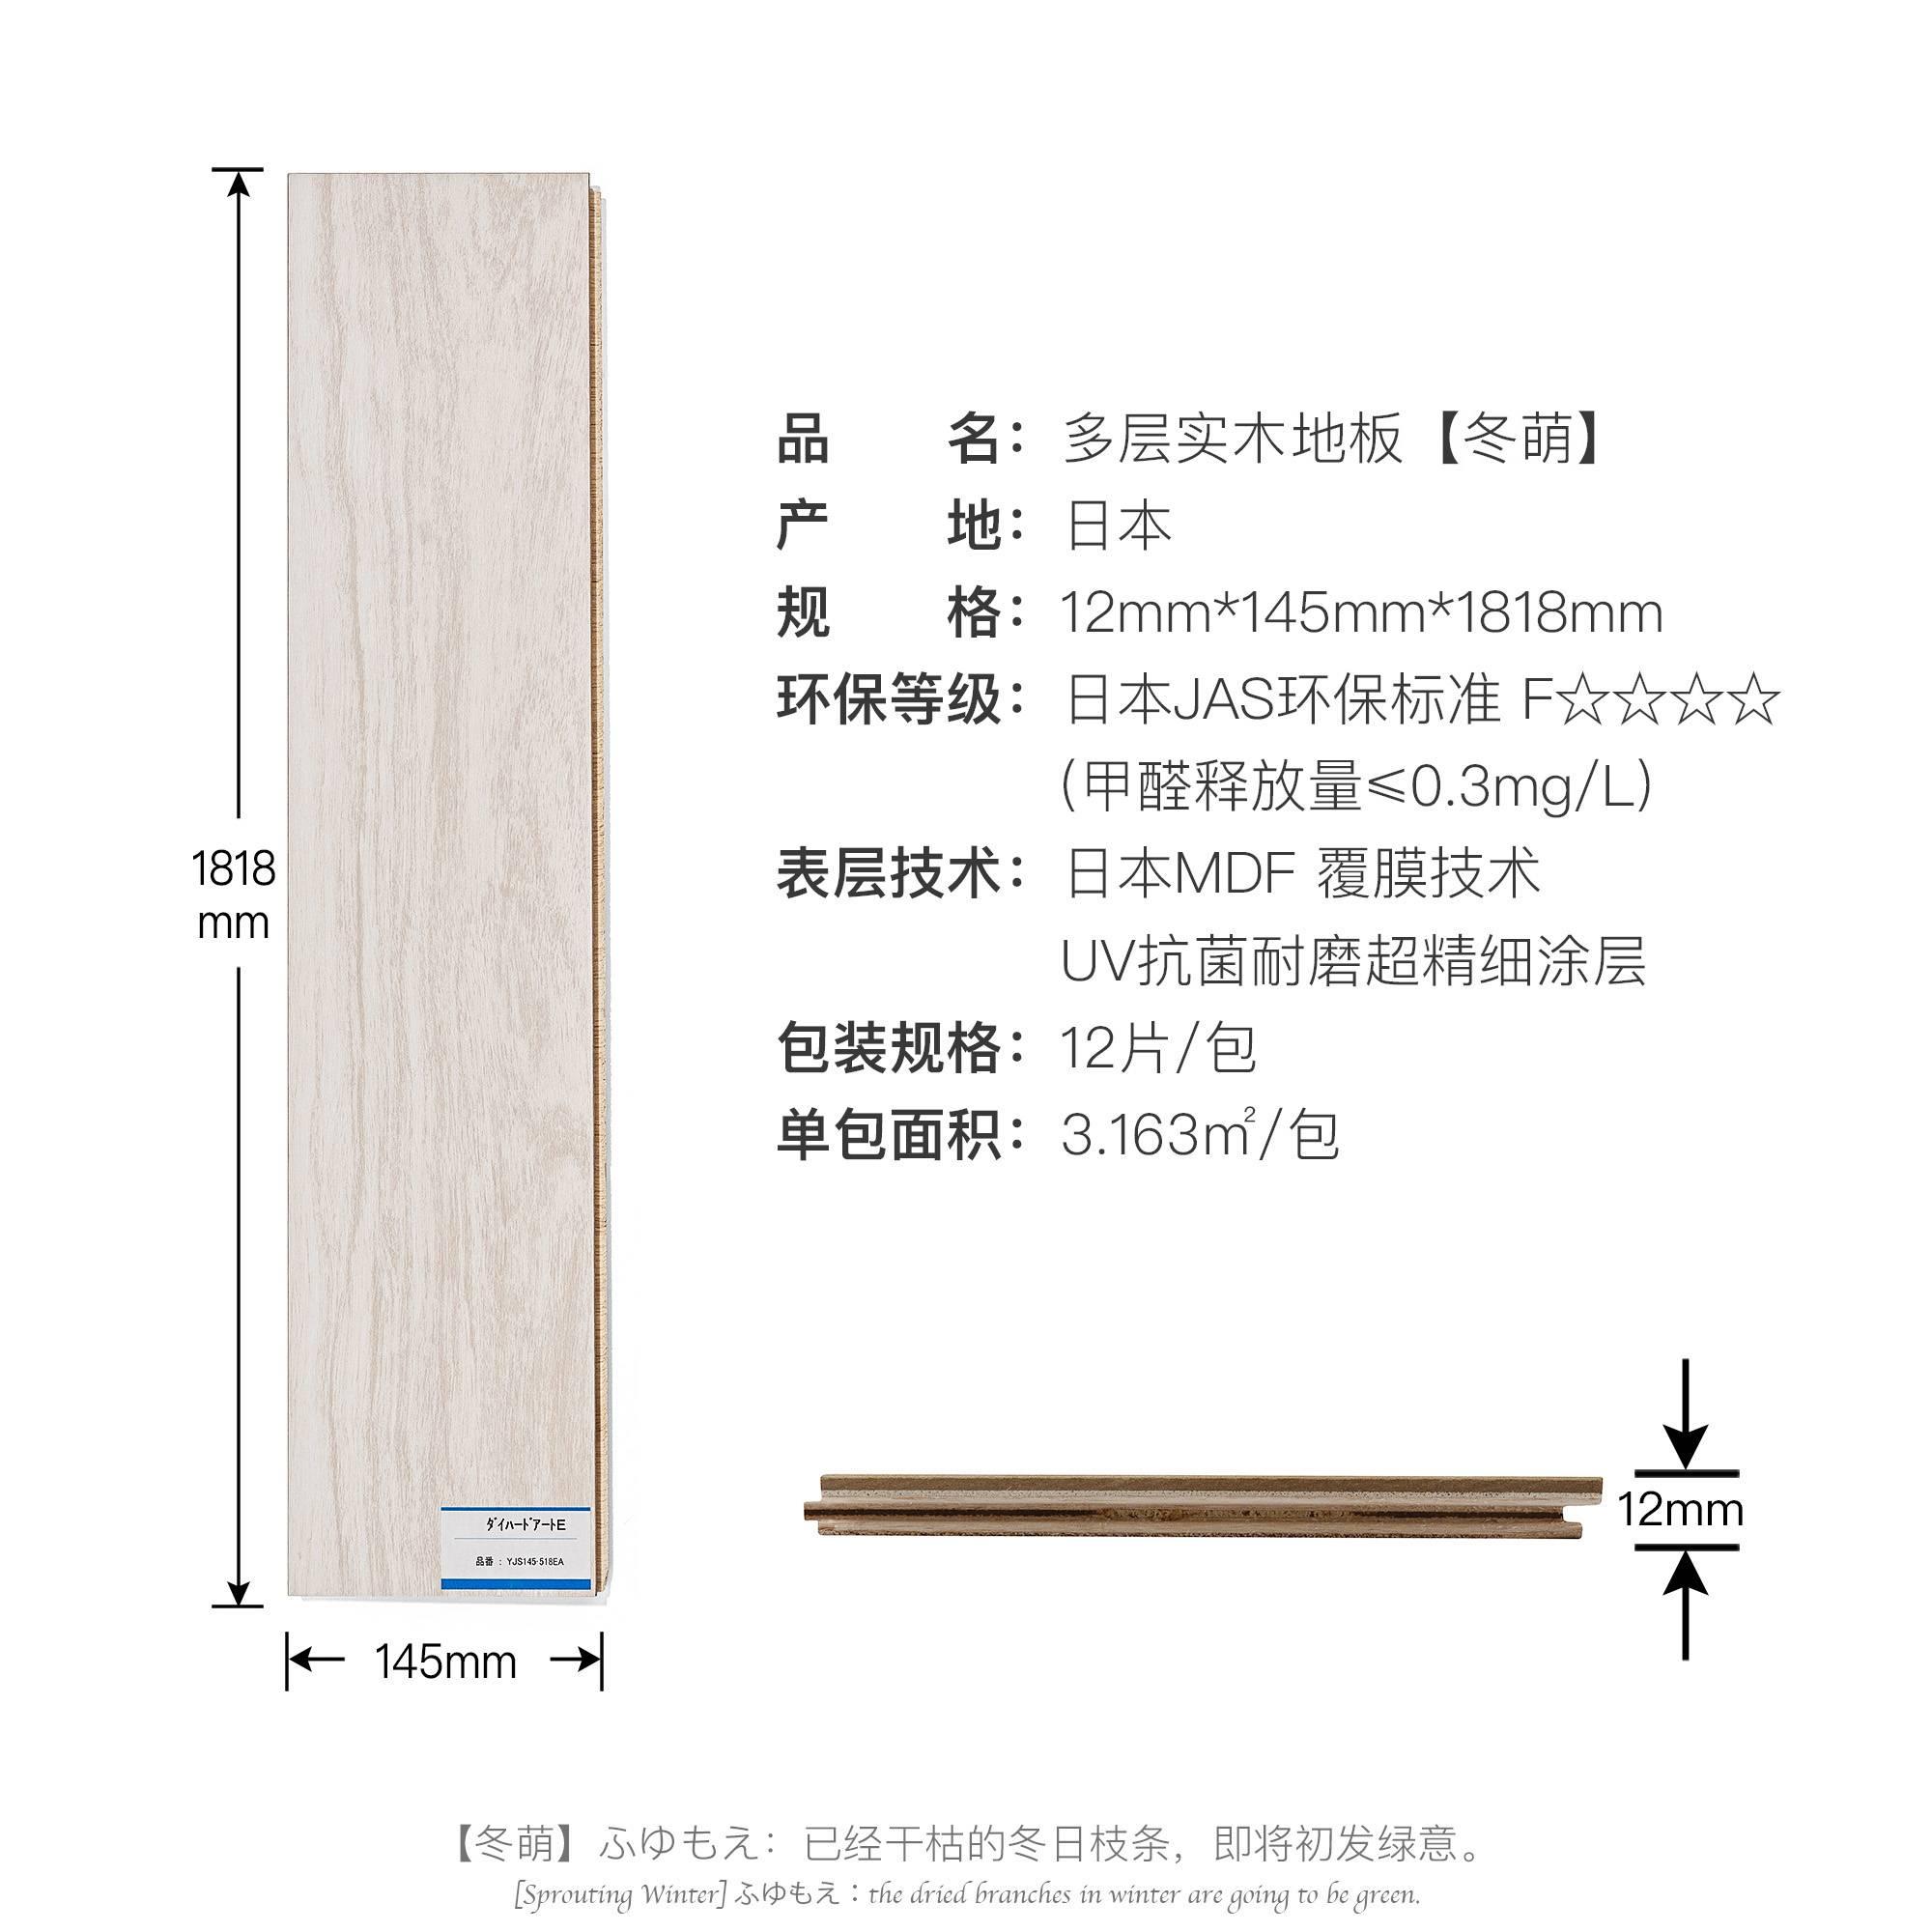 大建日本原装进口-大和系列多层实木地板(裸板)